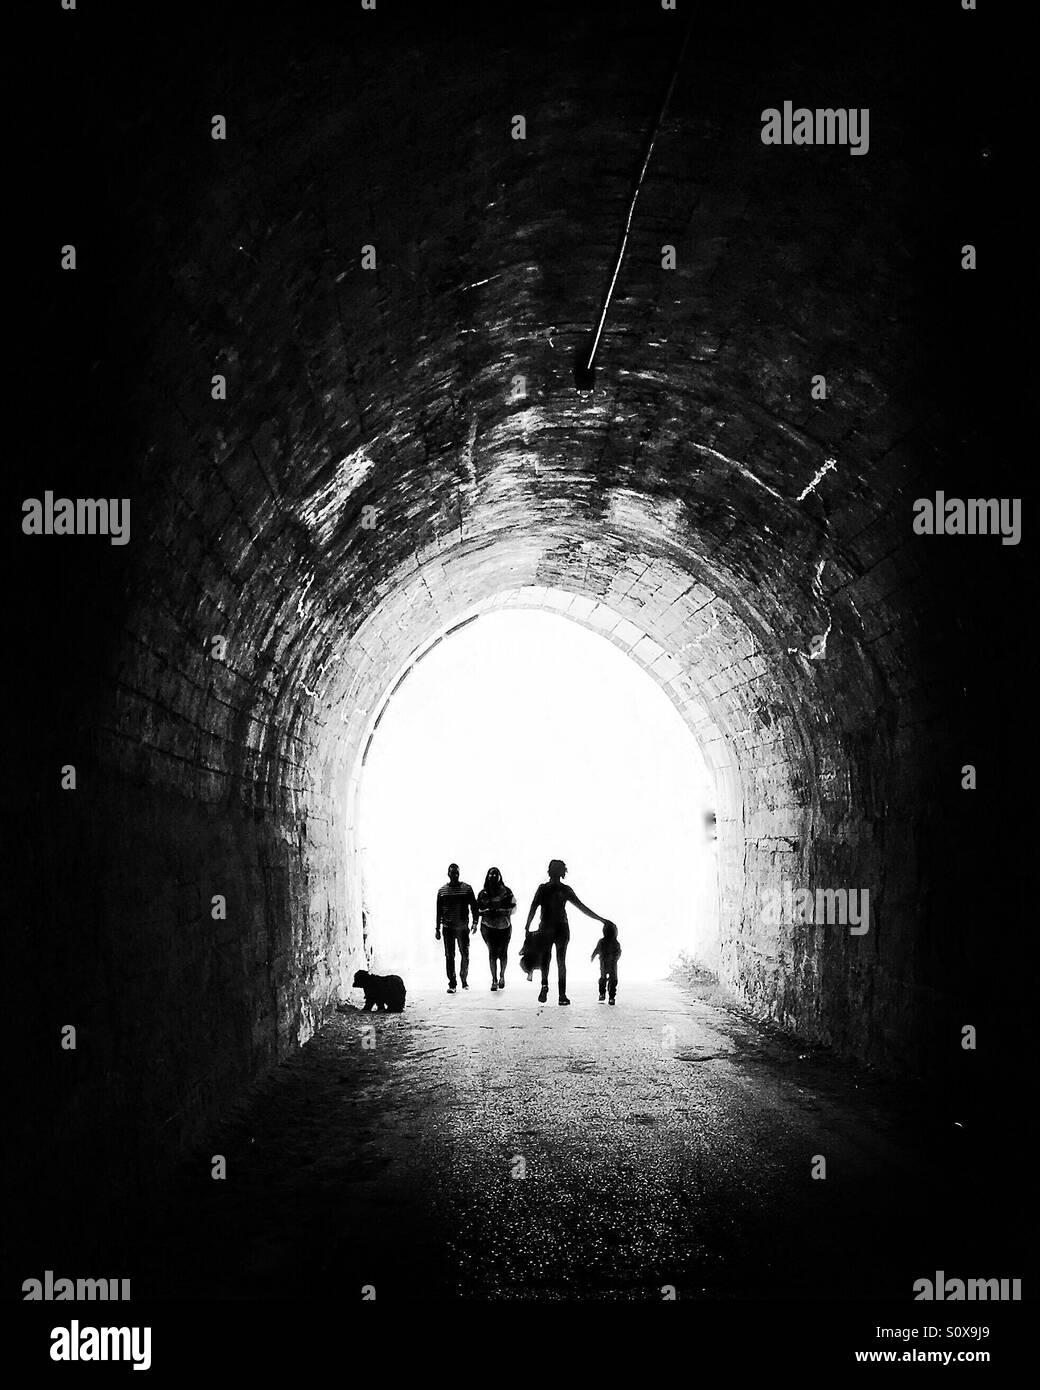 Walking ist der letzte Trend, gesund zu sein, so dass Menschen viel weglaufen das Licht am Ende des Tunnels laufen, Stockbild